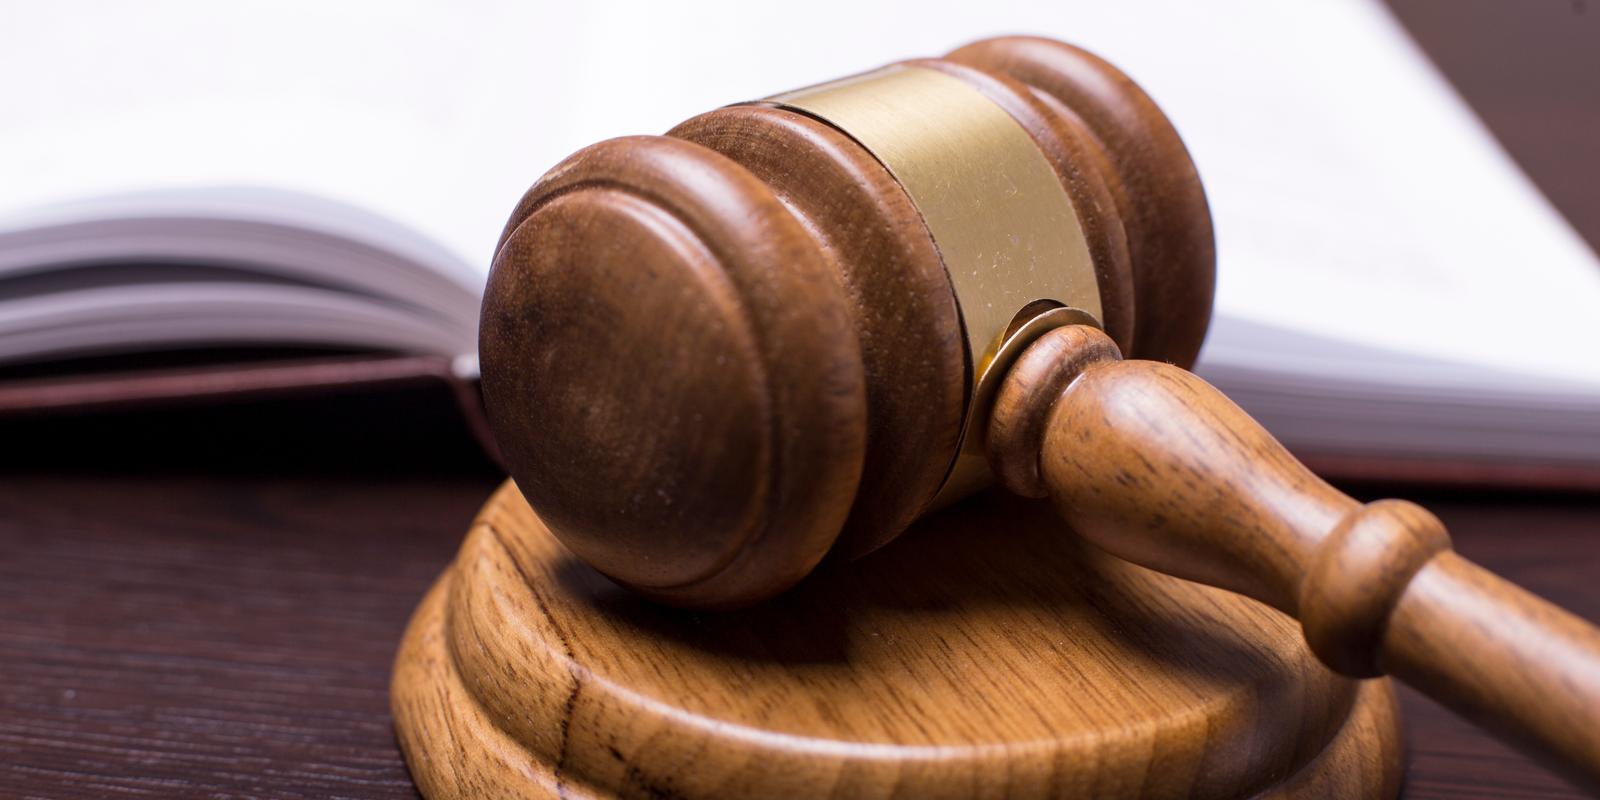 Tel Aviv Court Gives Moshe Hogeg 30 Days to Settle $4M Lawsuit